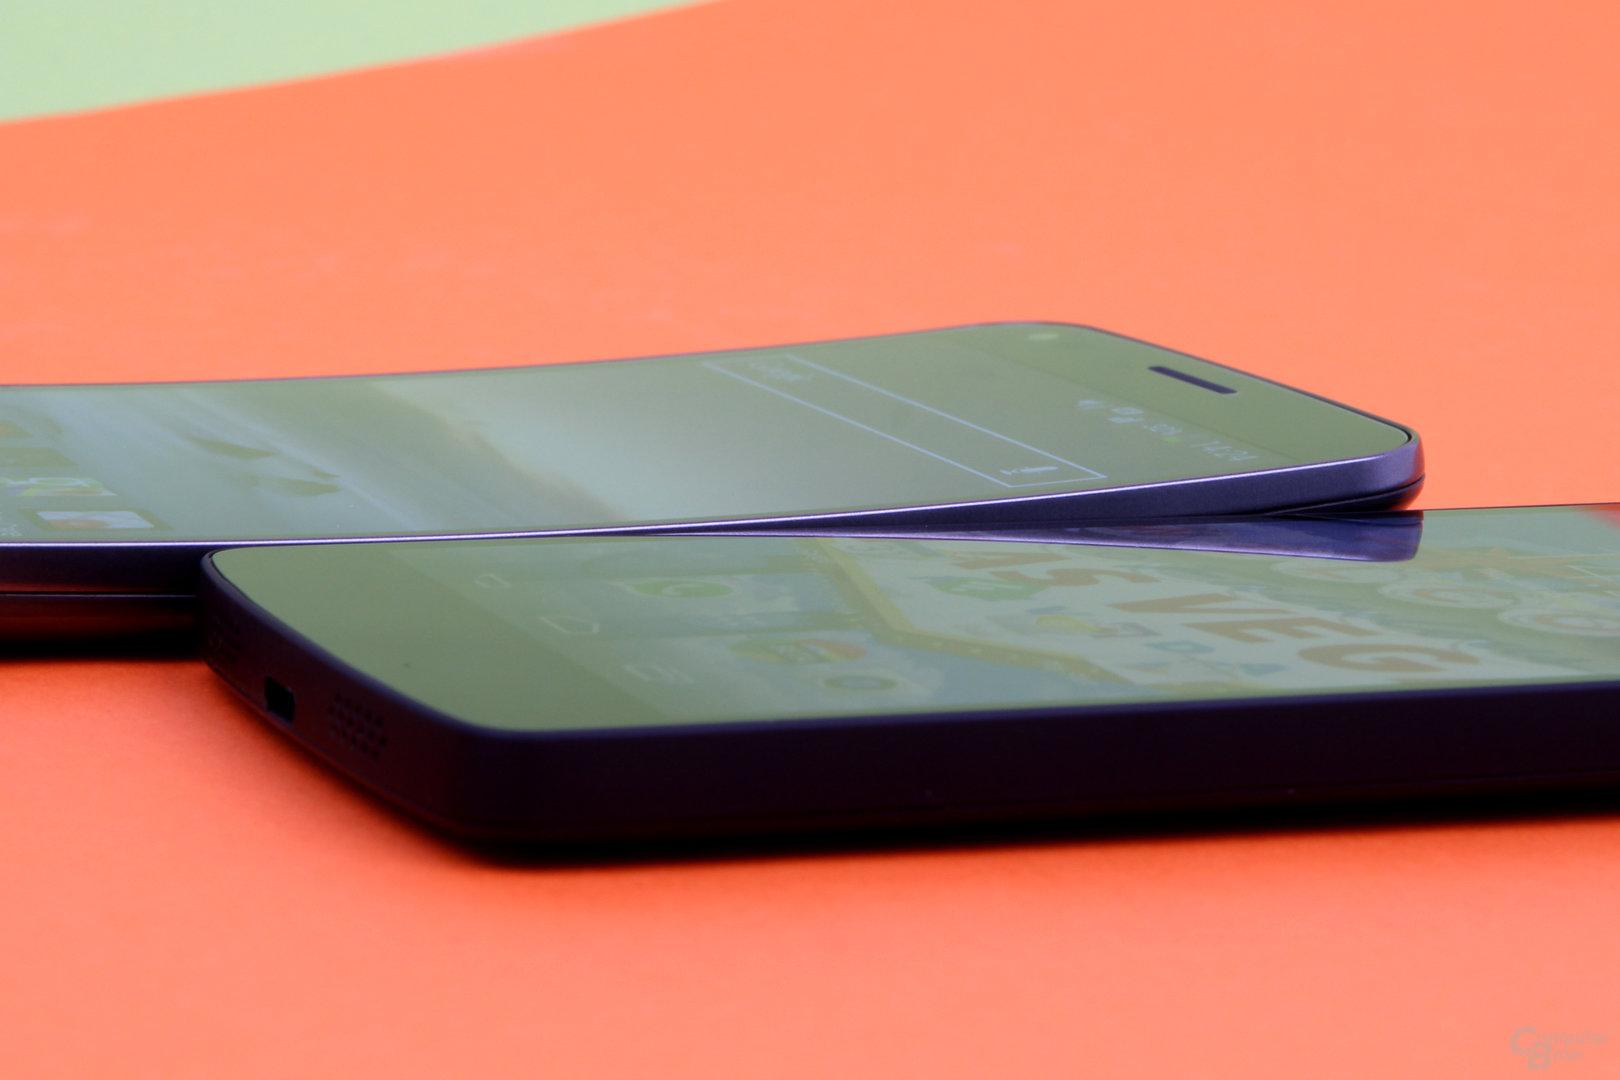 Google Nexus 5 & LG G Flex